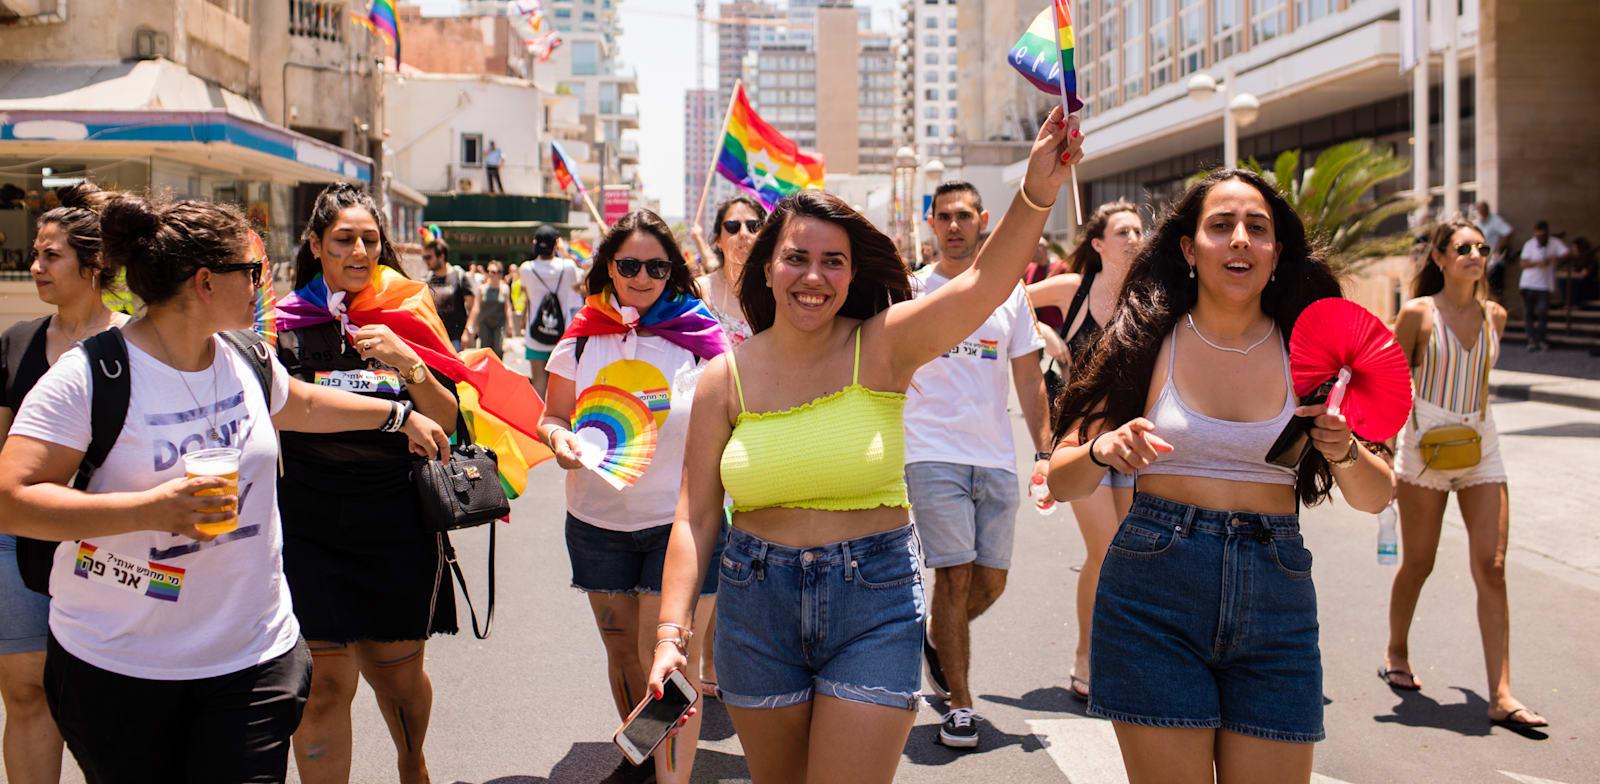 """גאווה ברחובות. בעקבות המורשת הלהטב""""ית / צילום: אברהם טורס"""